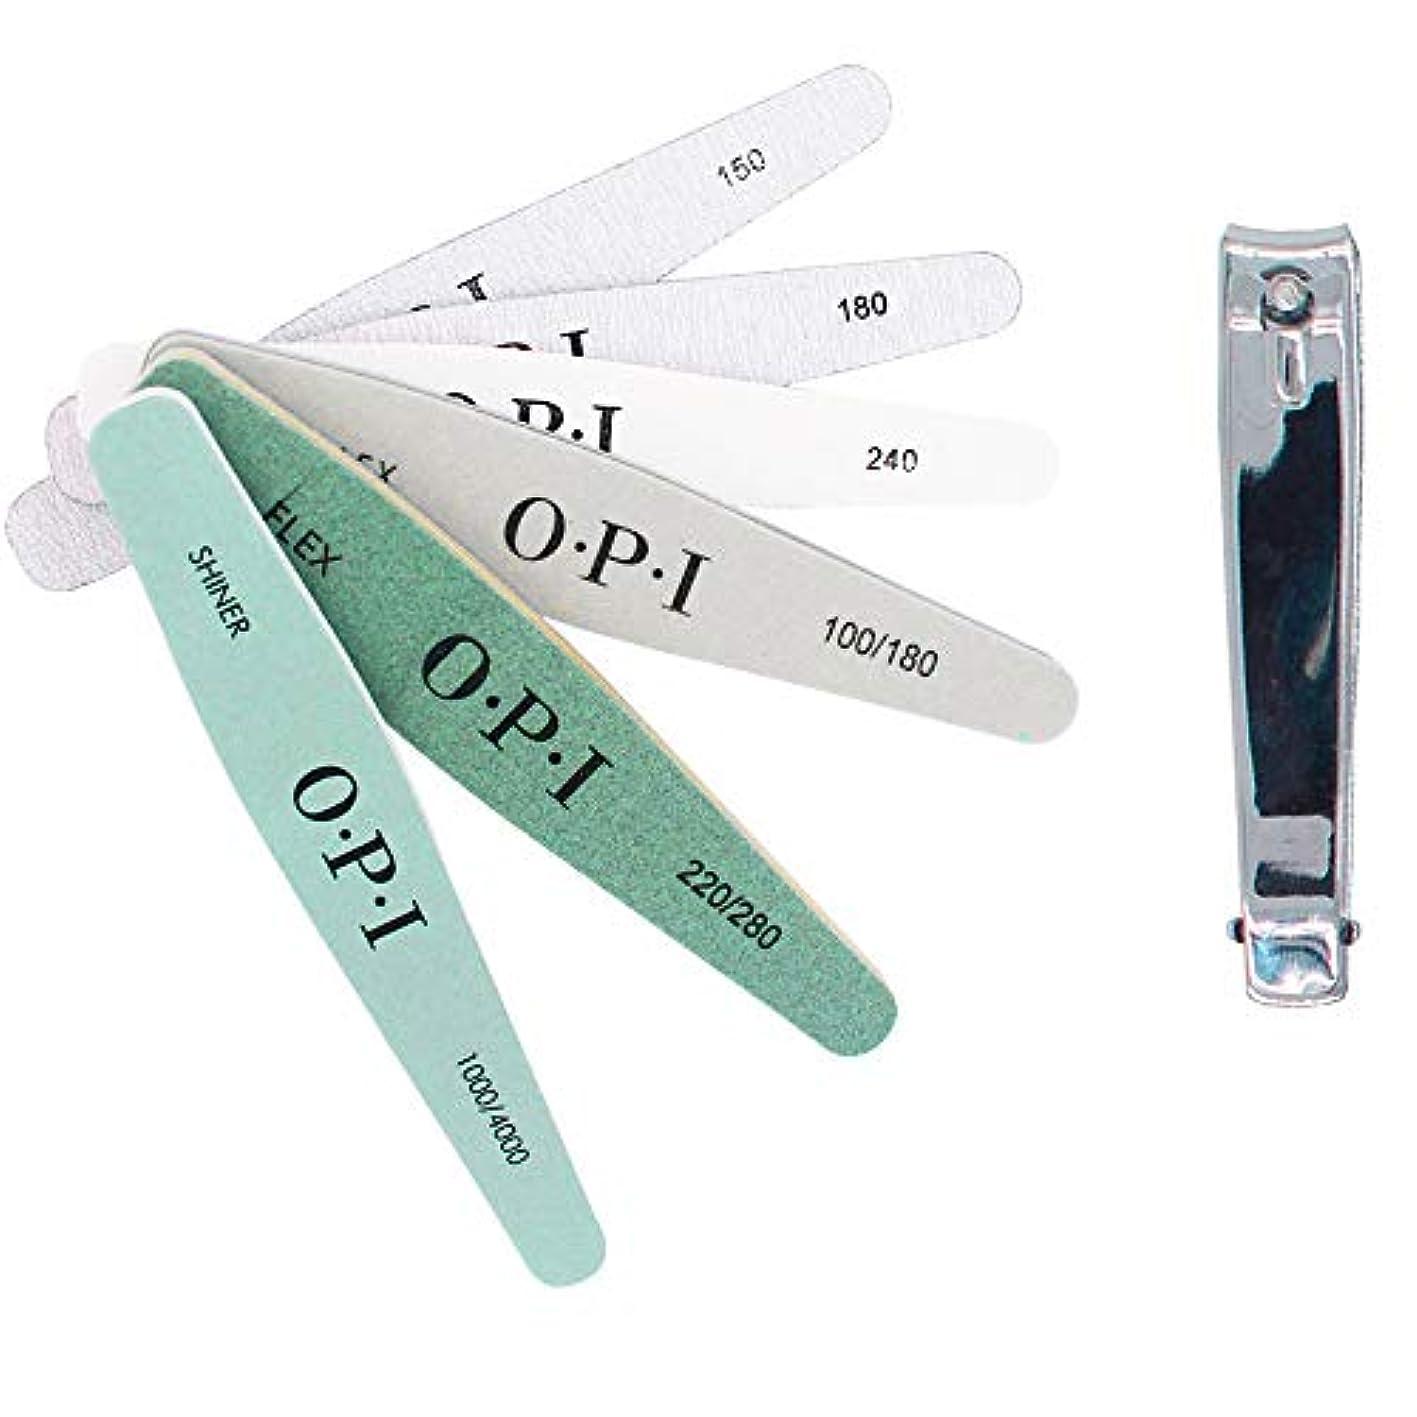 必須寝具枠KINYOOOスポンジファイル、爪やすり、ネイルをつやつやに、のネイルツール、 150/180/200/240/280/1000/4000と(1 PCSメタルネイルはさみ)、ネイルケア用化粧マニキュアペディキュアセット。